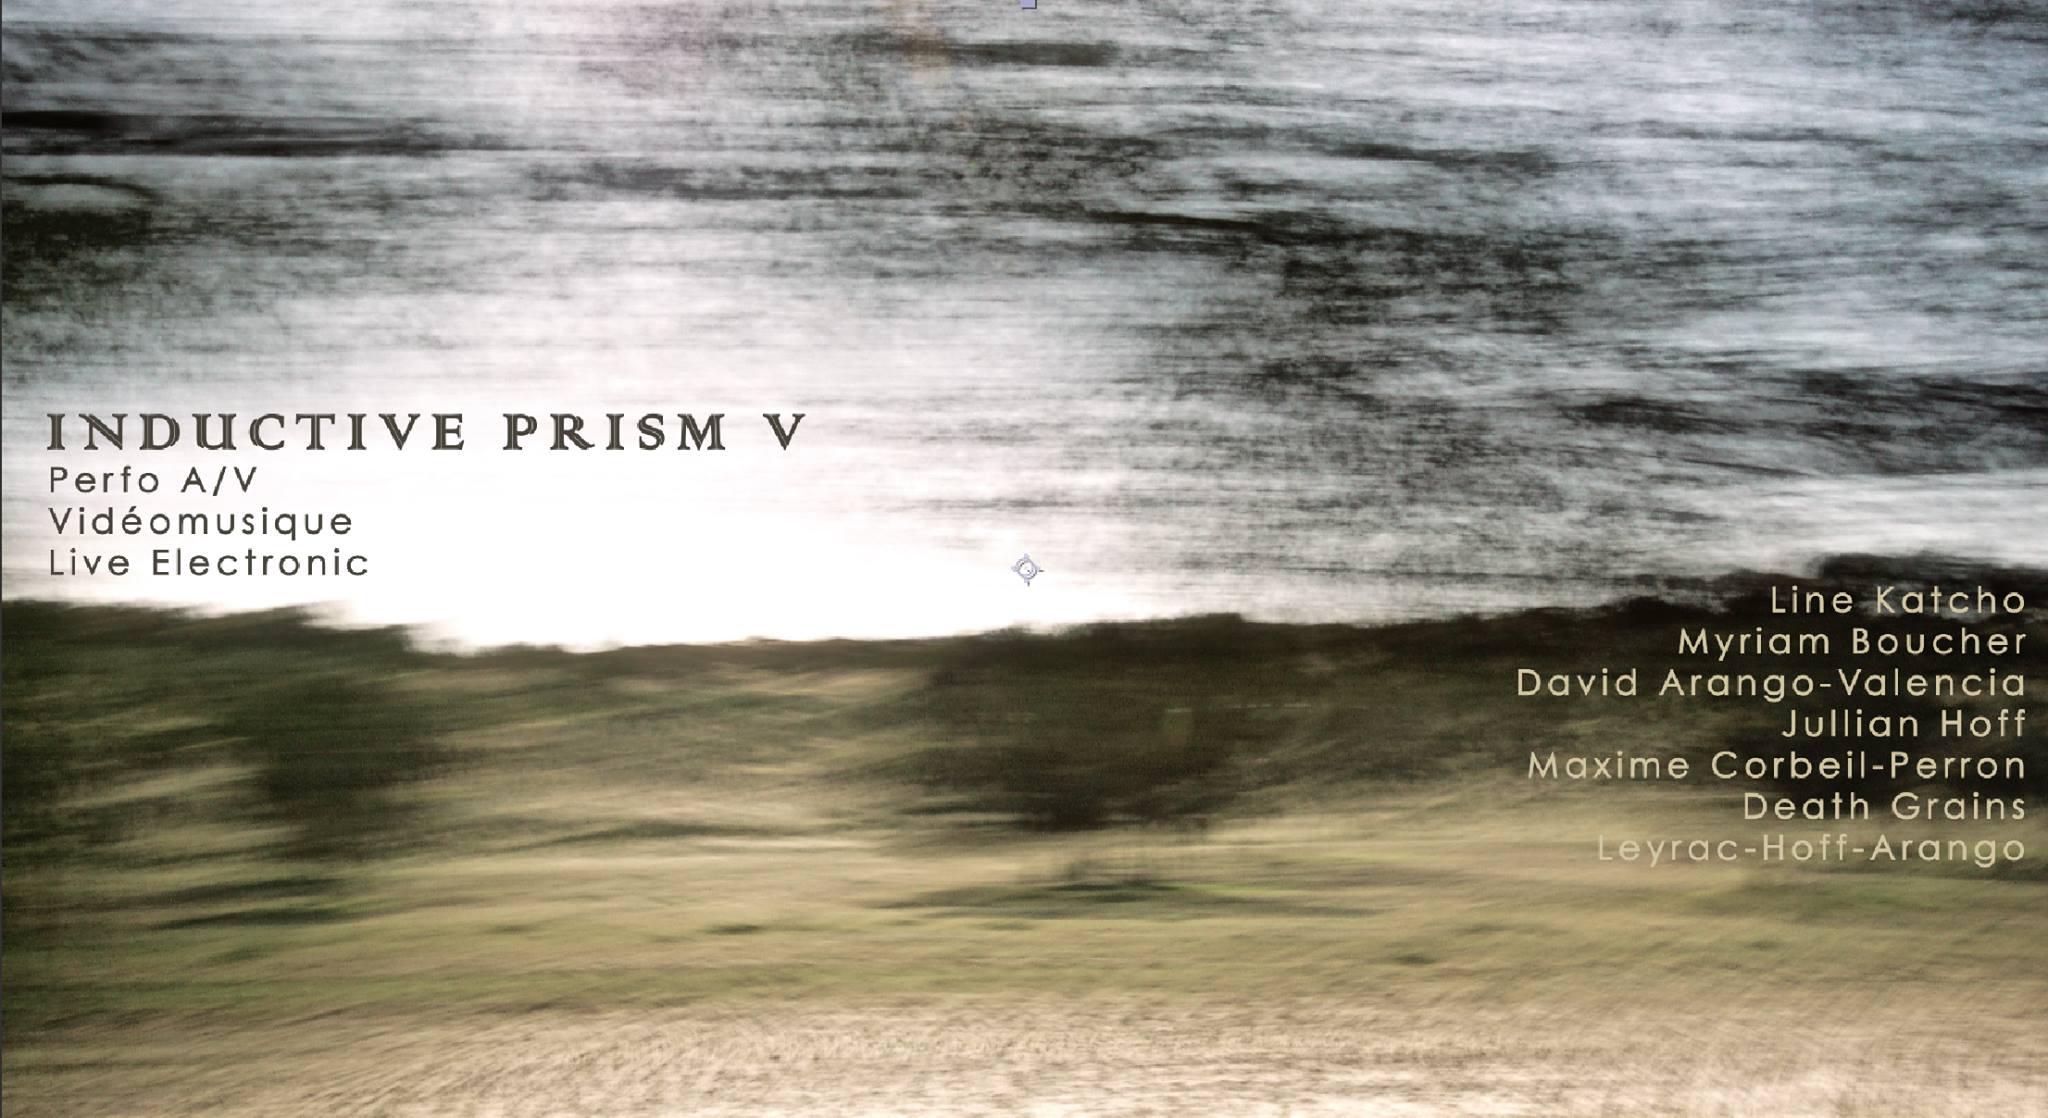 Inductive Prism V